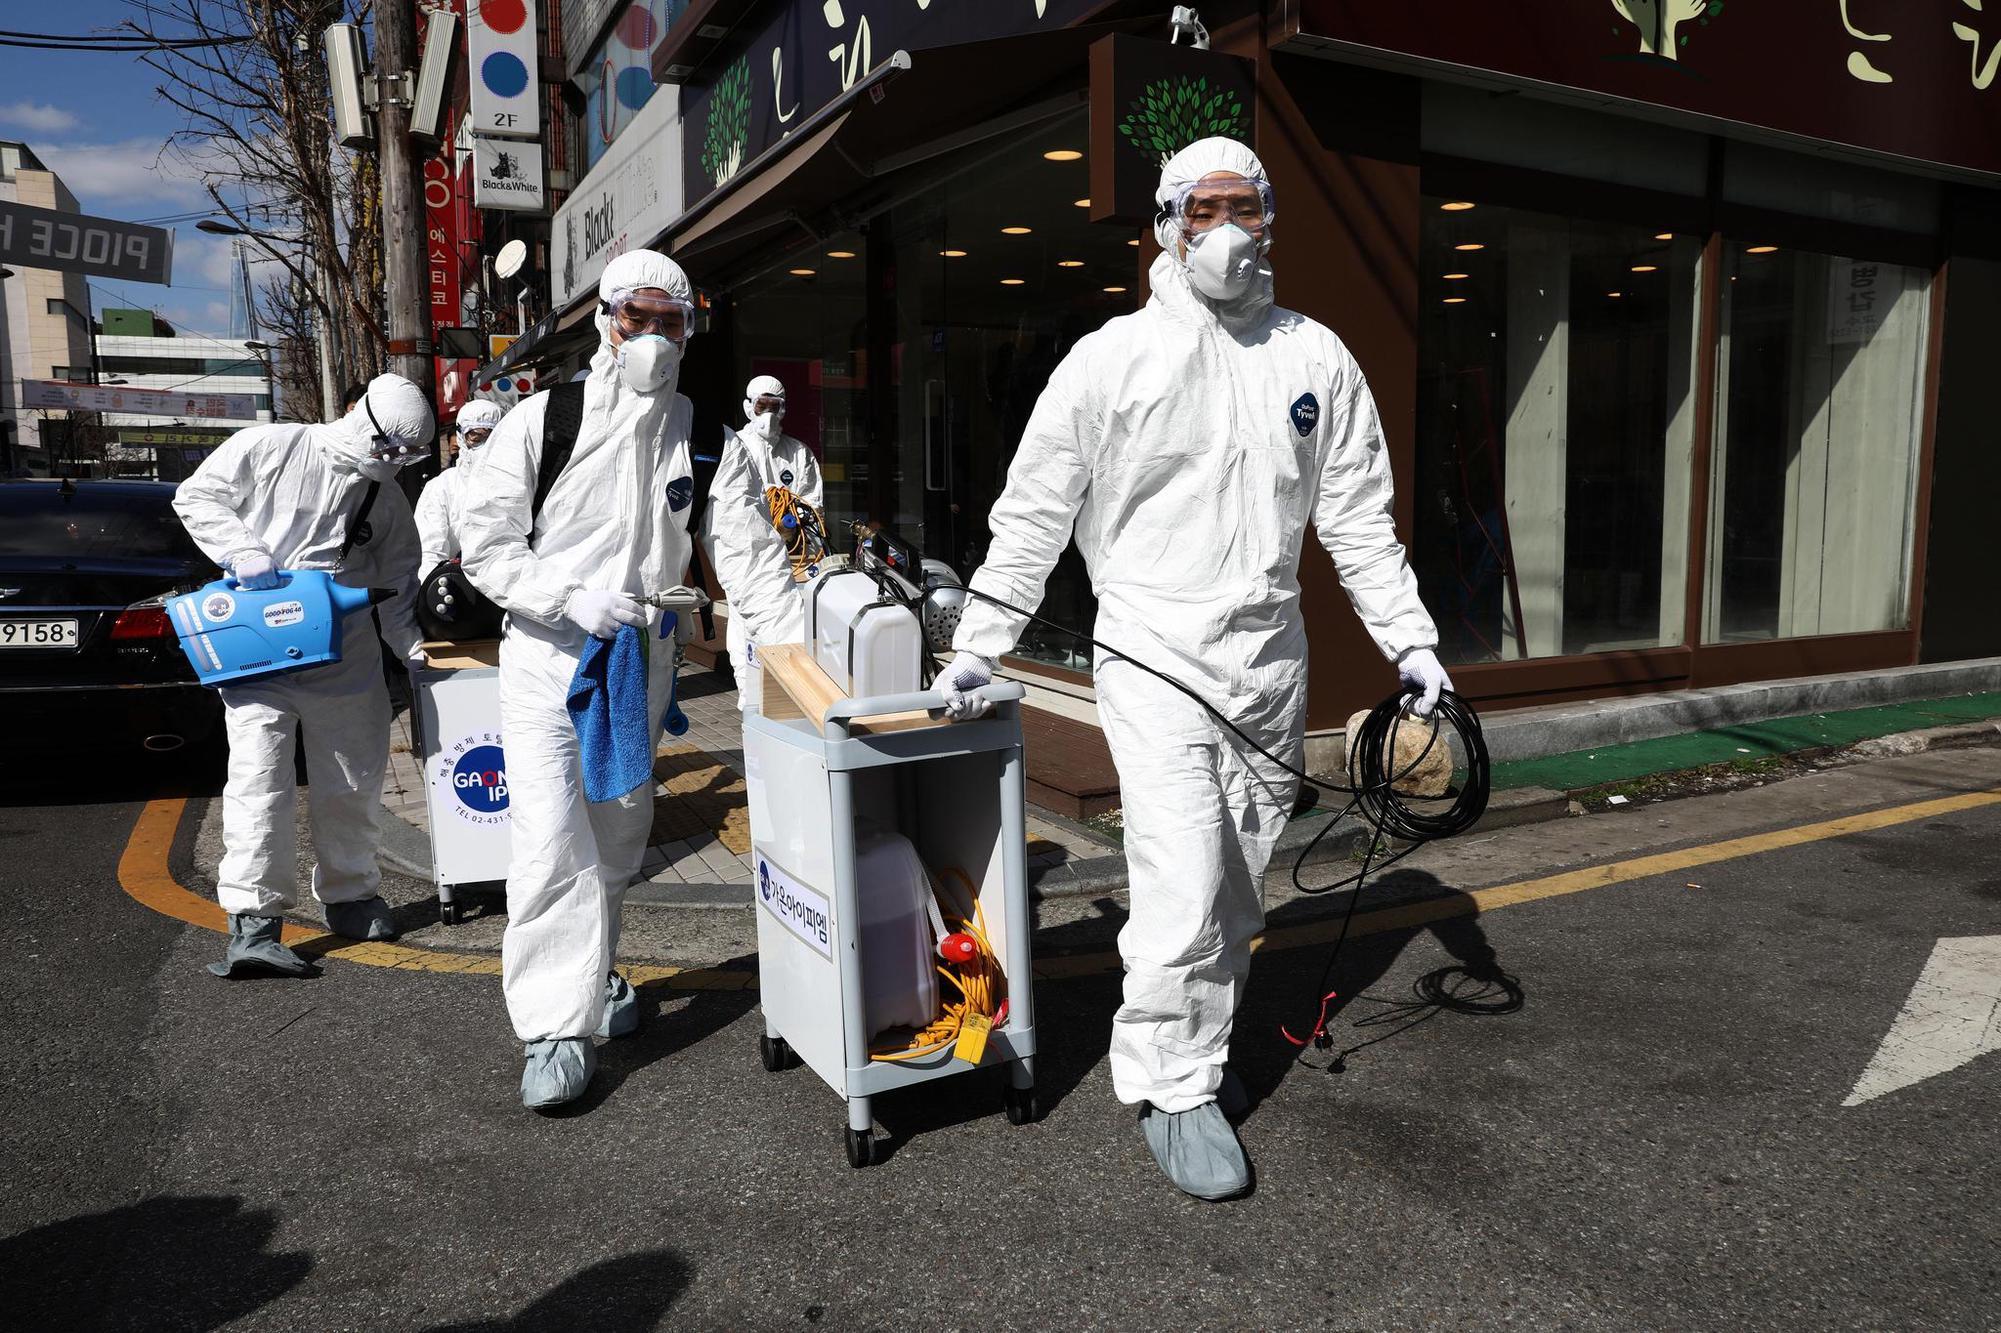 Laut Klimabericht könnten auch übertragbare Krankheiten zunehmen. Getty Images